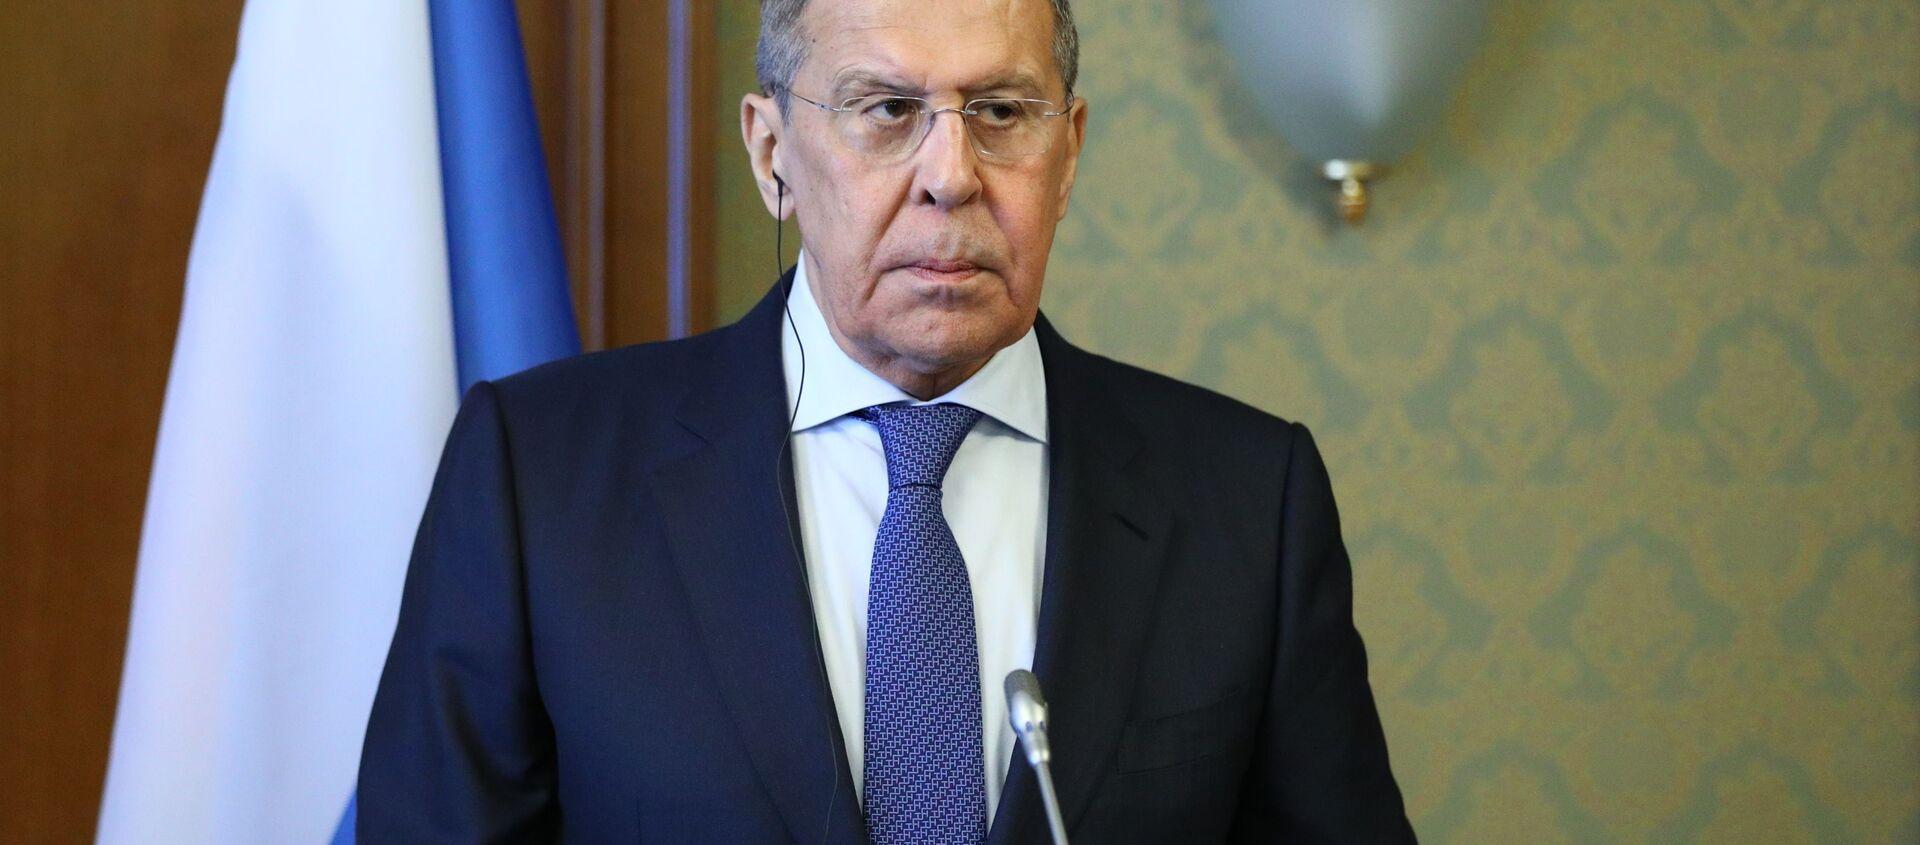 Министр иностранных дел РФ Сергей Лавров - Sputnik Грузия, 1920, 27.04.2021